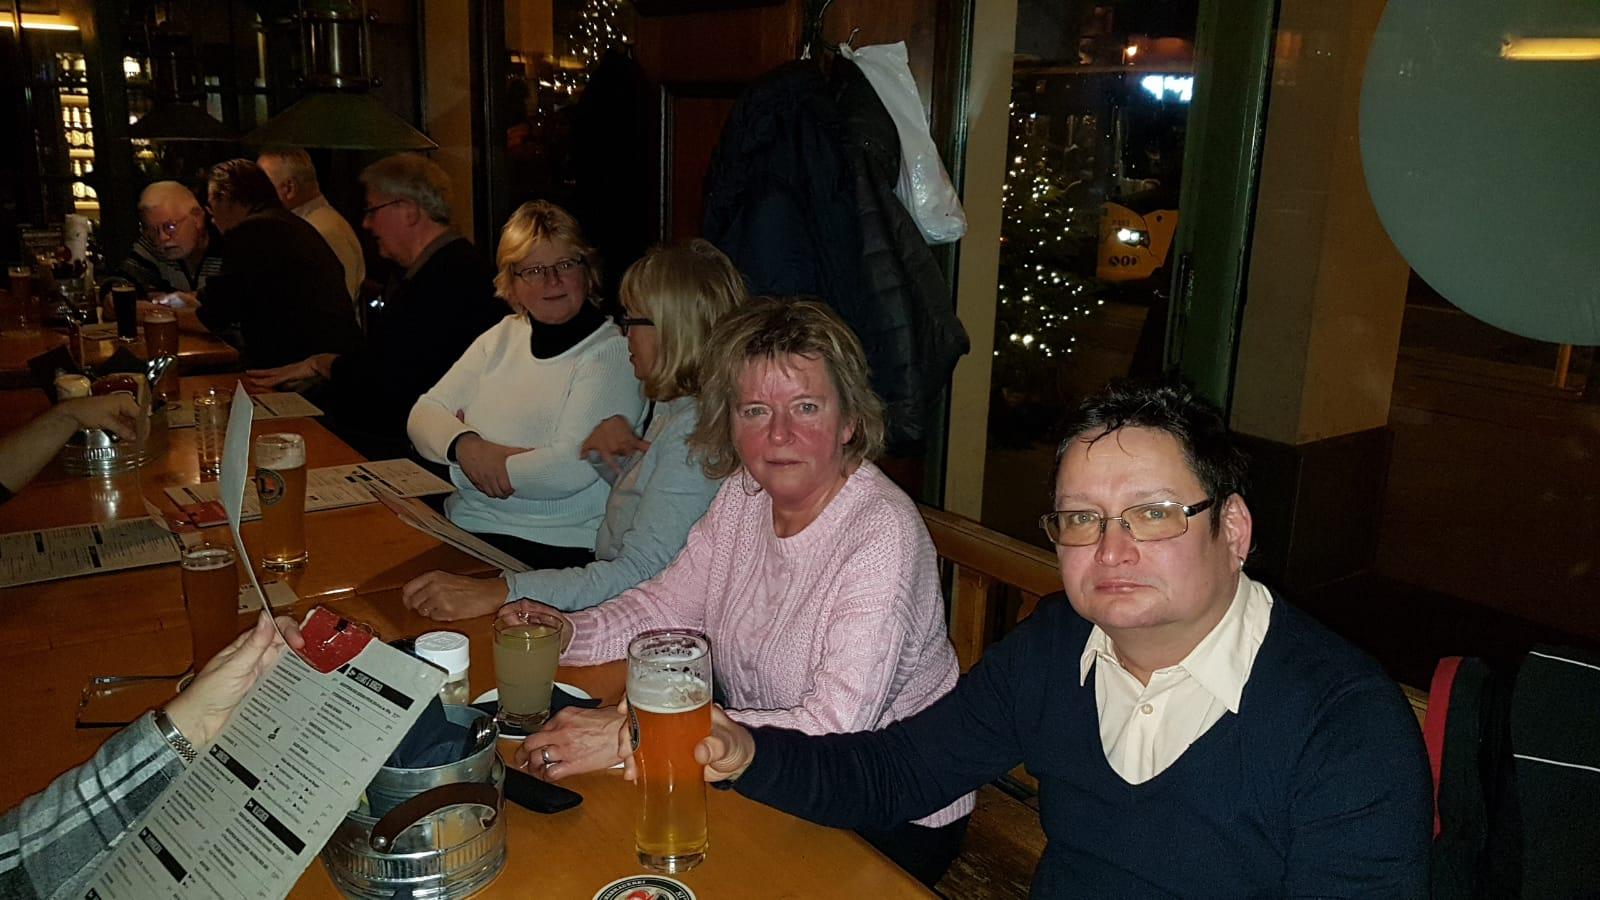 Beide warten aus Essen und Ronny greift auf Bier und trinkt gleich.